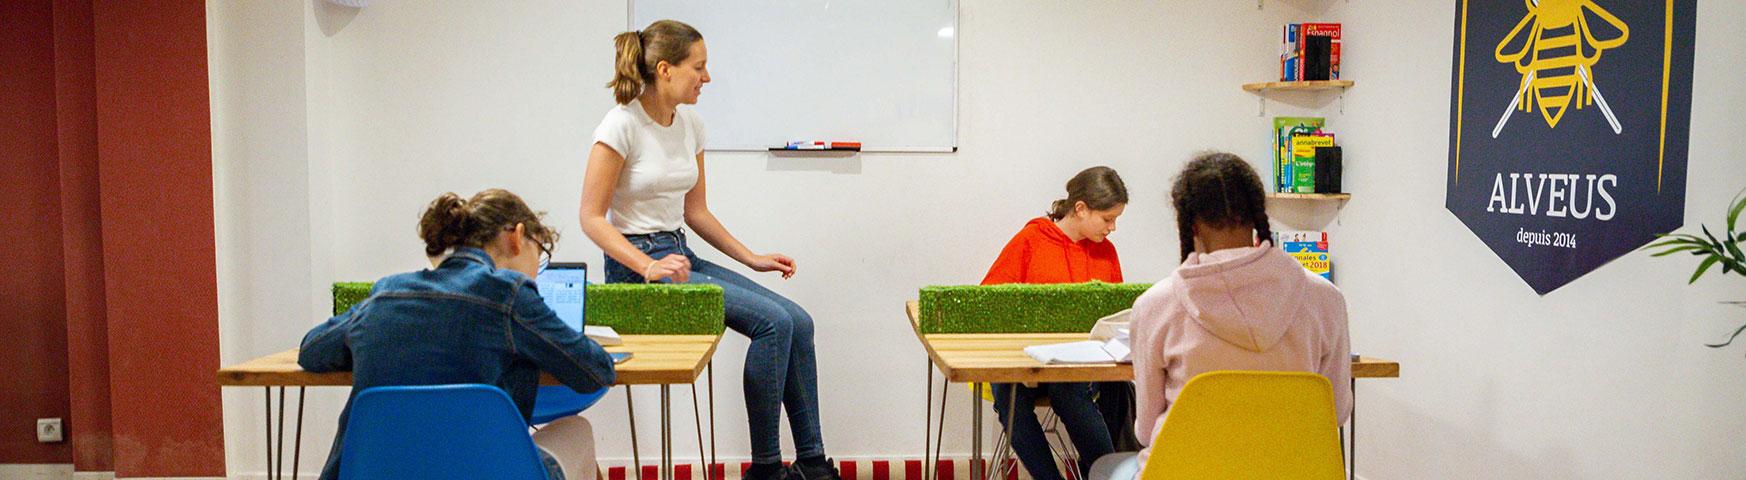 Cours d'anglais avec 2 collégiennes qui cherchent à progresser en anglais